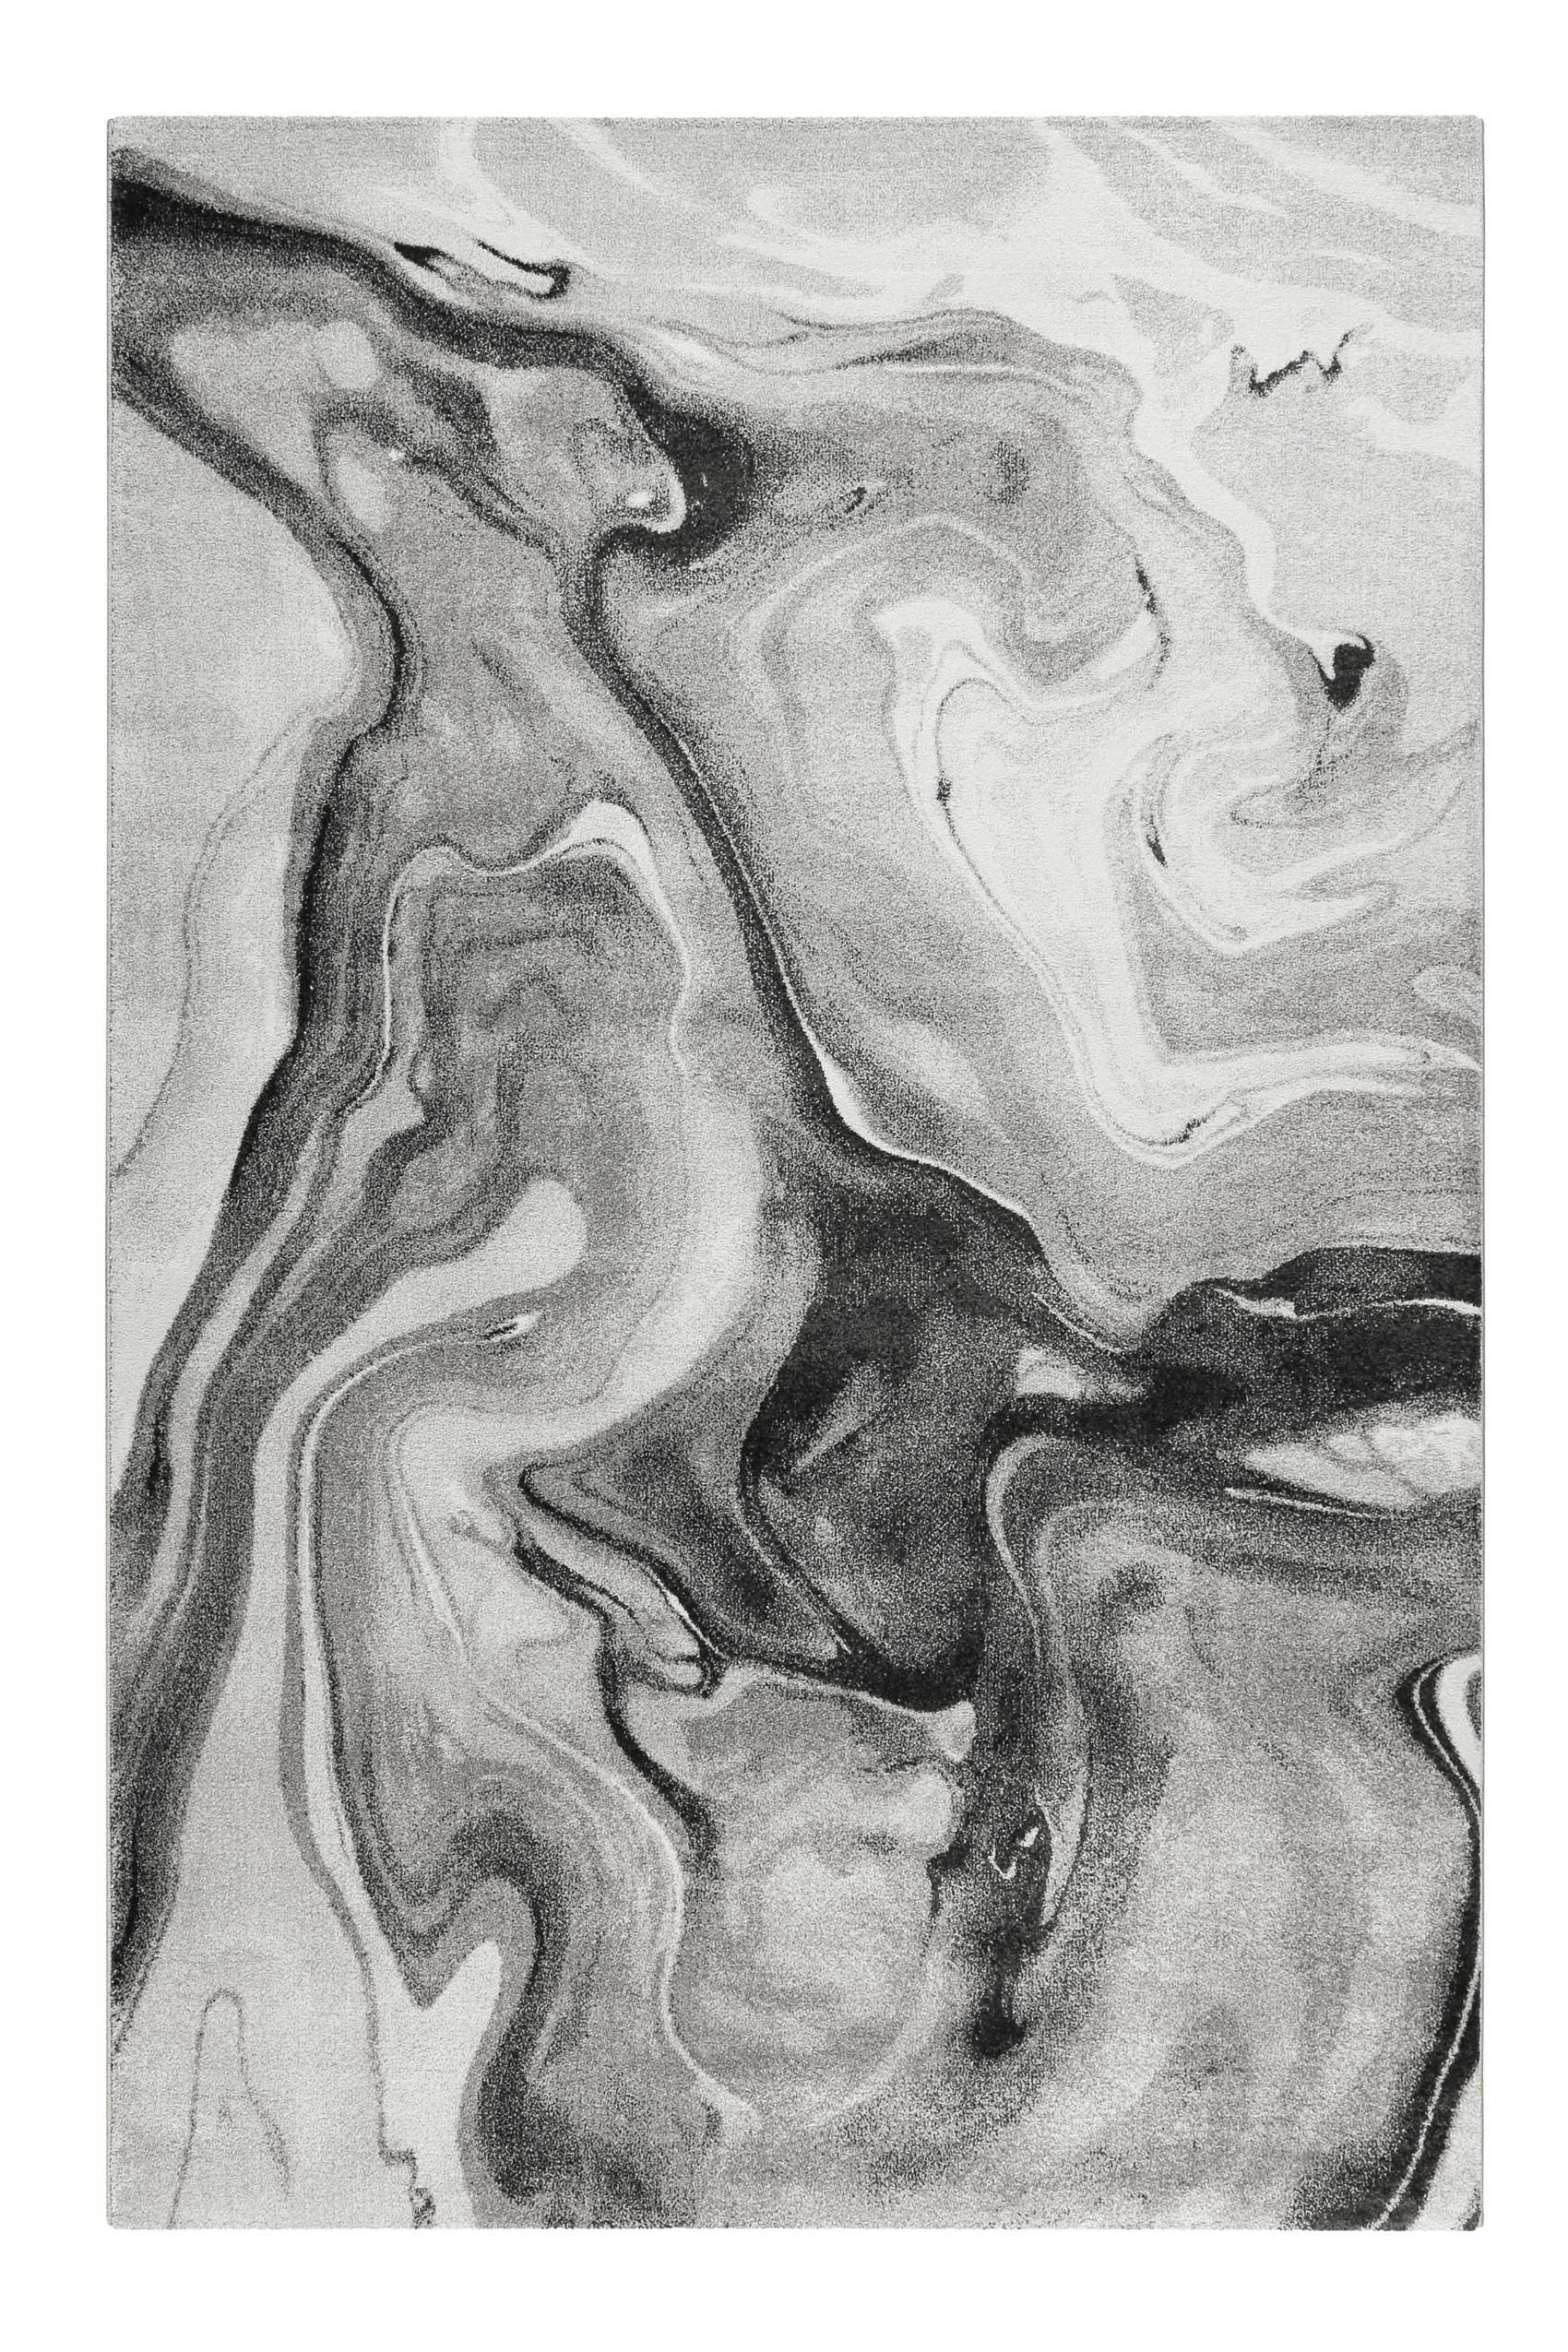 Tapis motif marbre nuances de gris pour salon, chambre 225x160